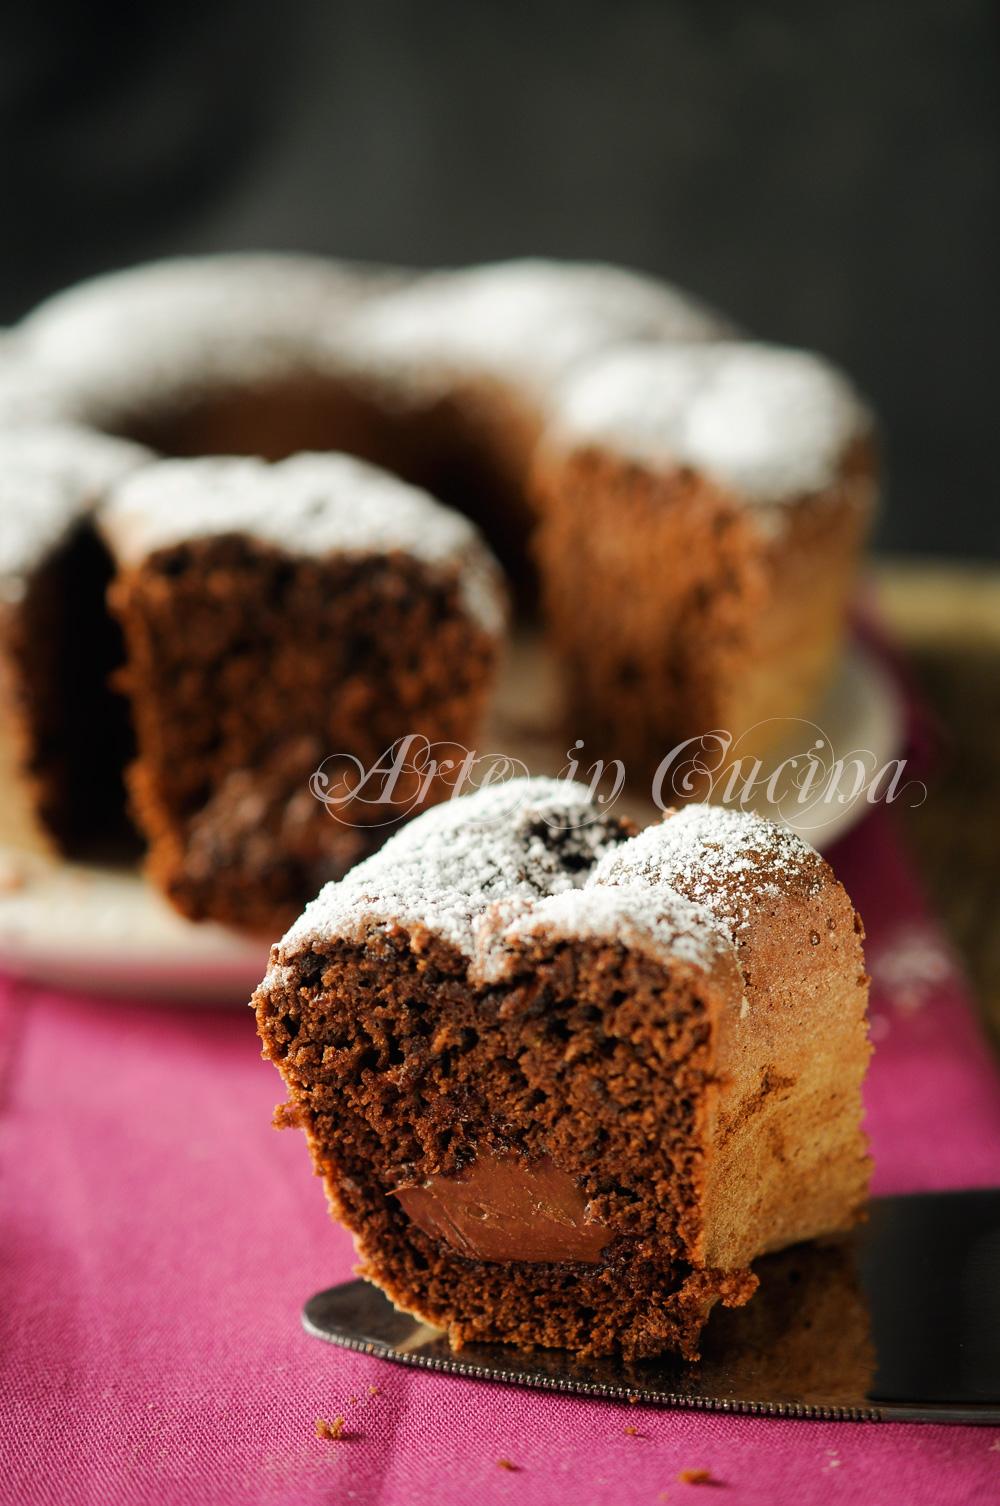 Ciambella al cioccolato fondente cuore nutella morbida vickyart arte in cucina